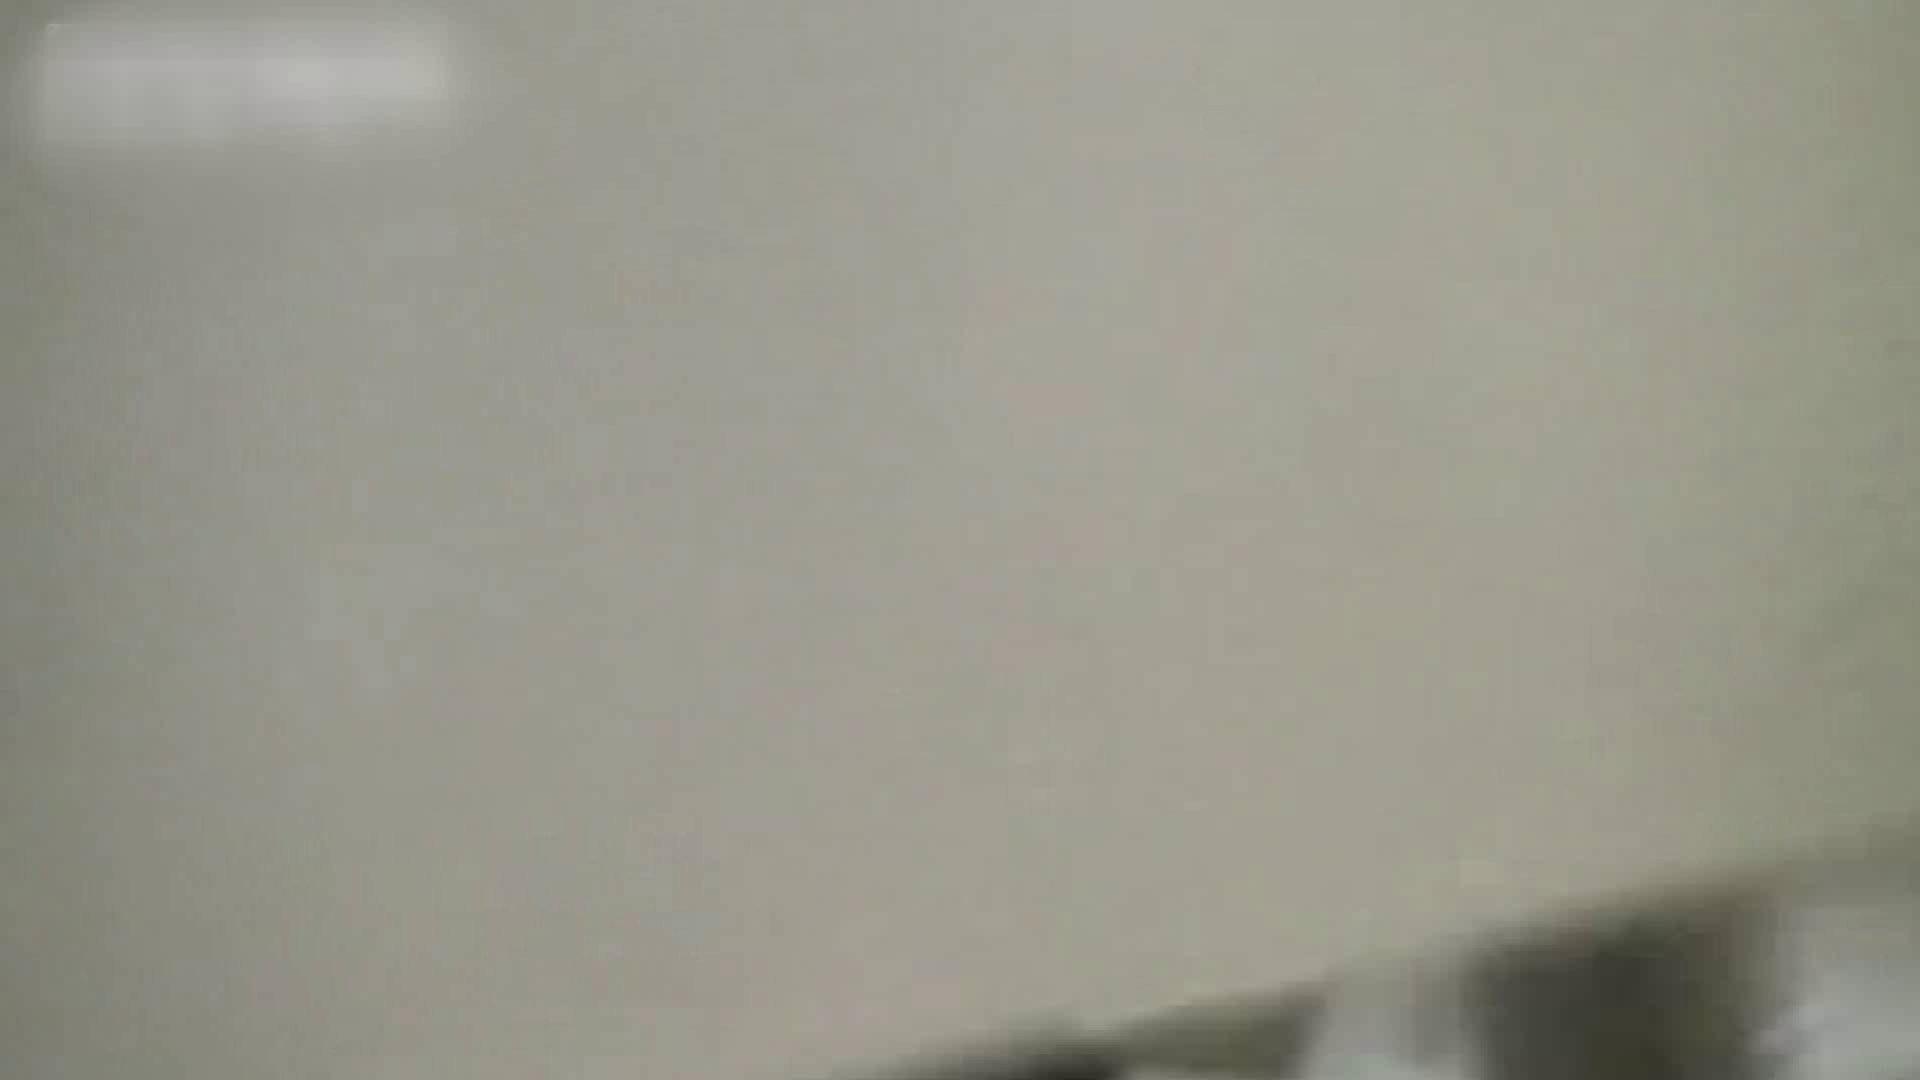 ロックハンドさんの盗撮記録File.60 潜入 すけべAV動画紹介 9枚 2